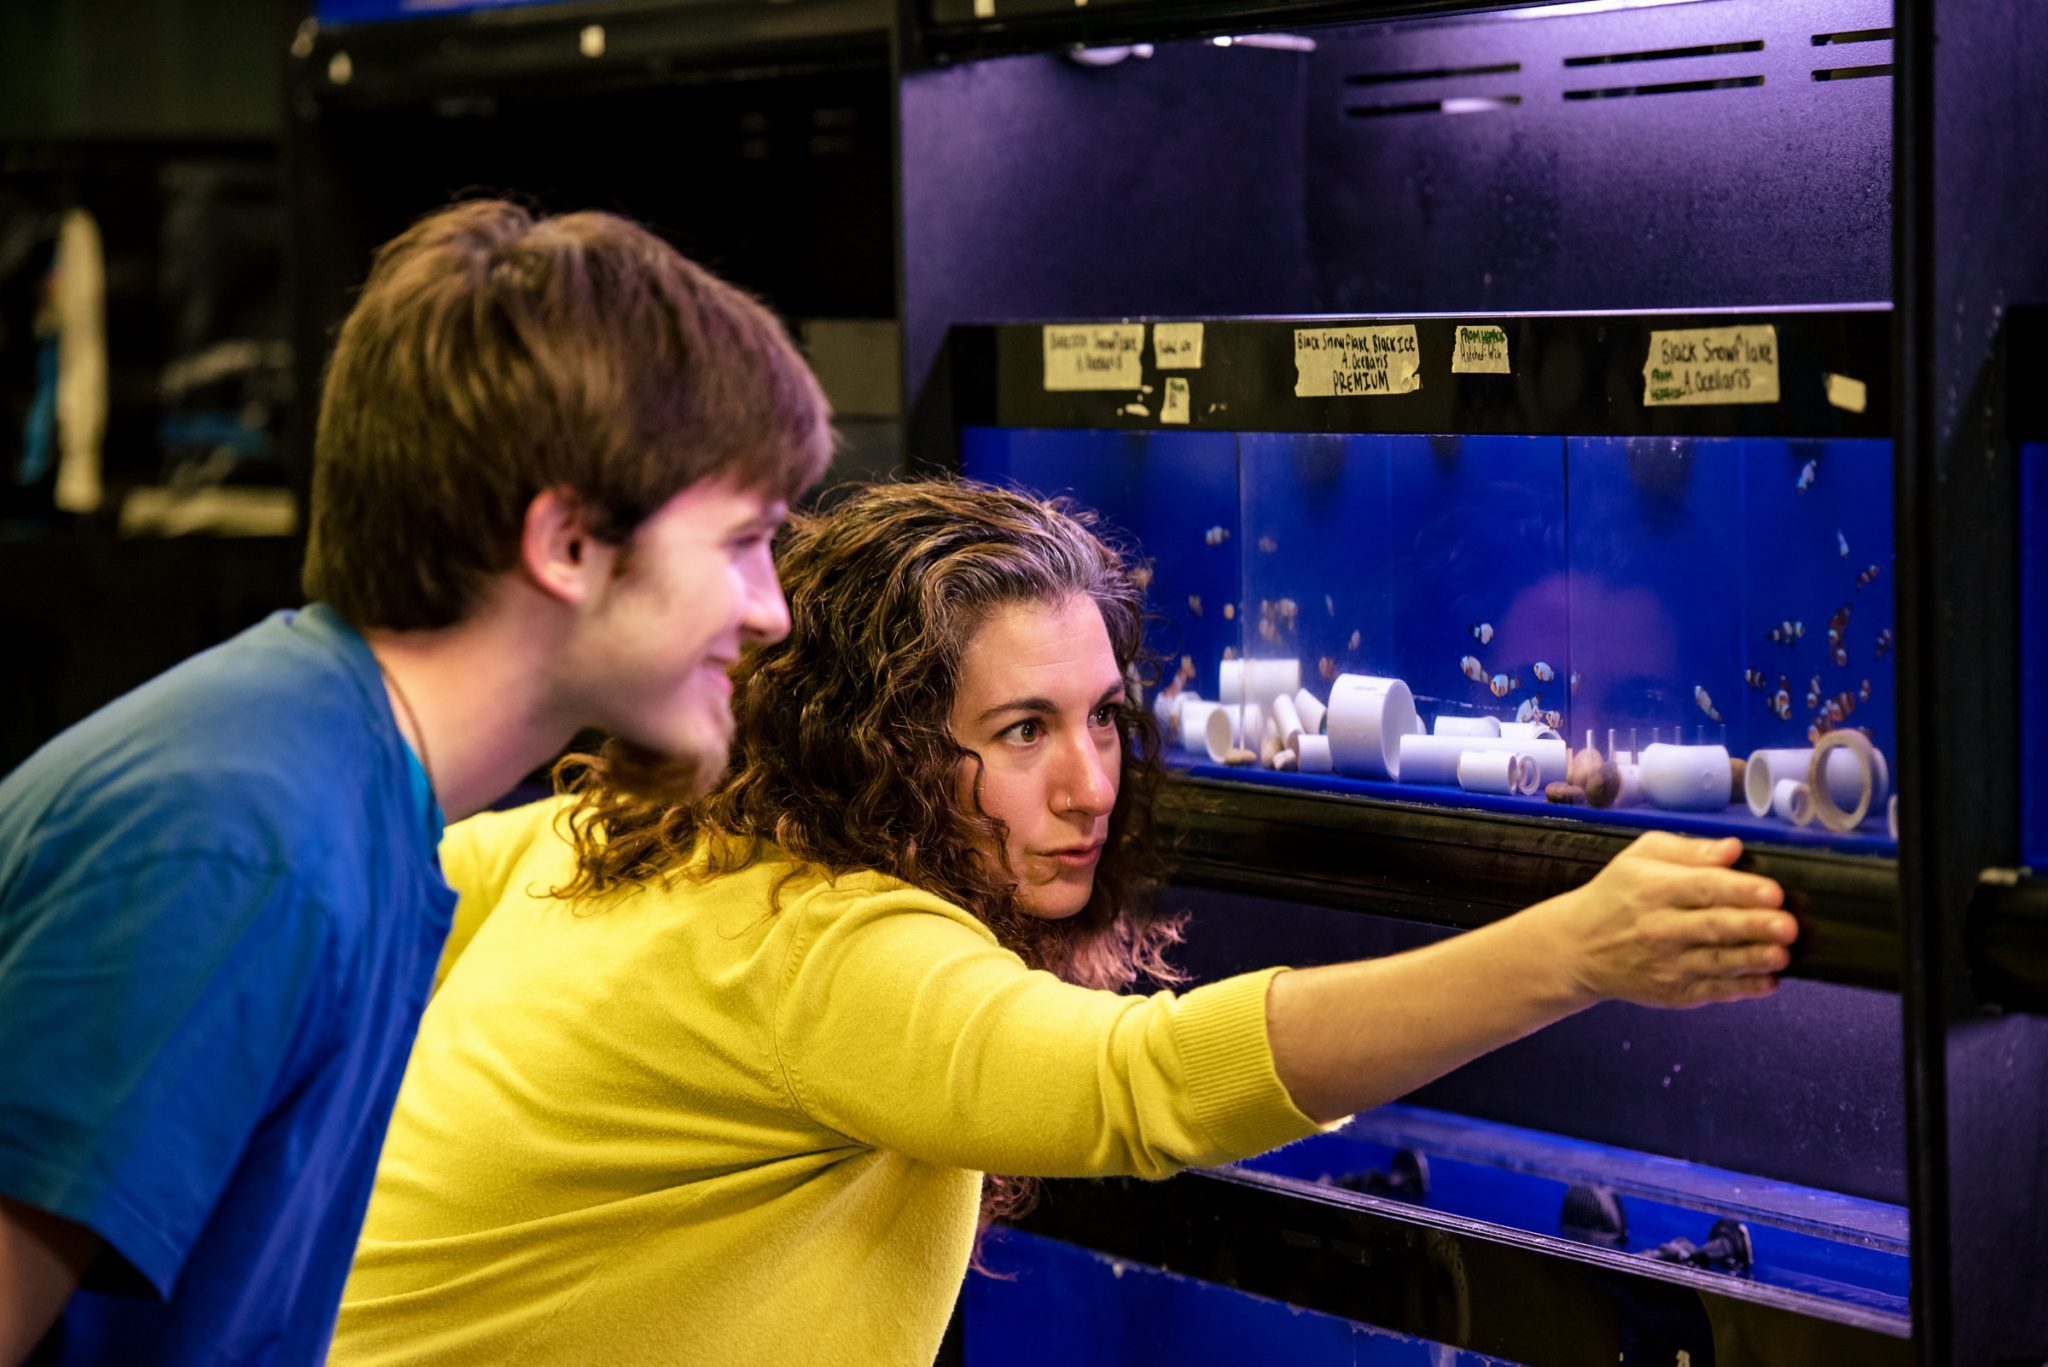 Professor showing a student an aquarium